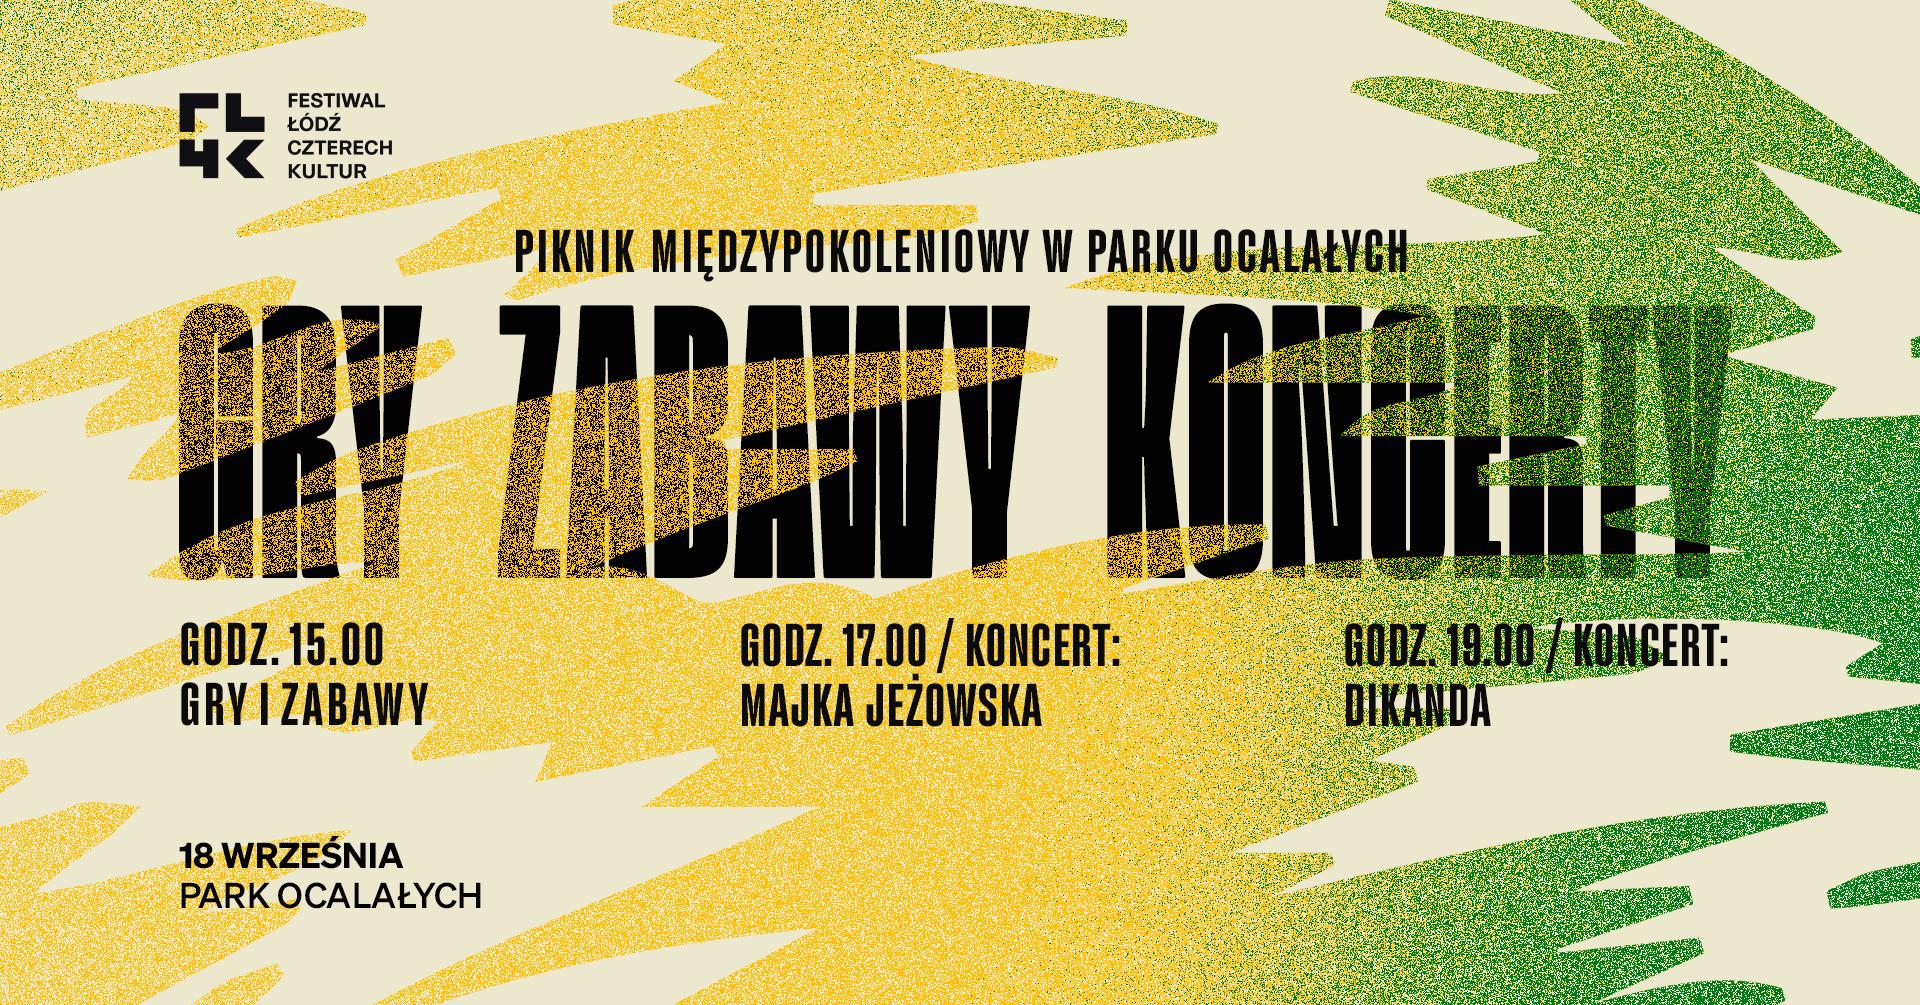 PiknikFL4K2021Event_BezPartnerow